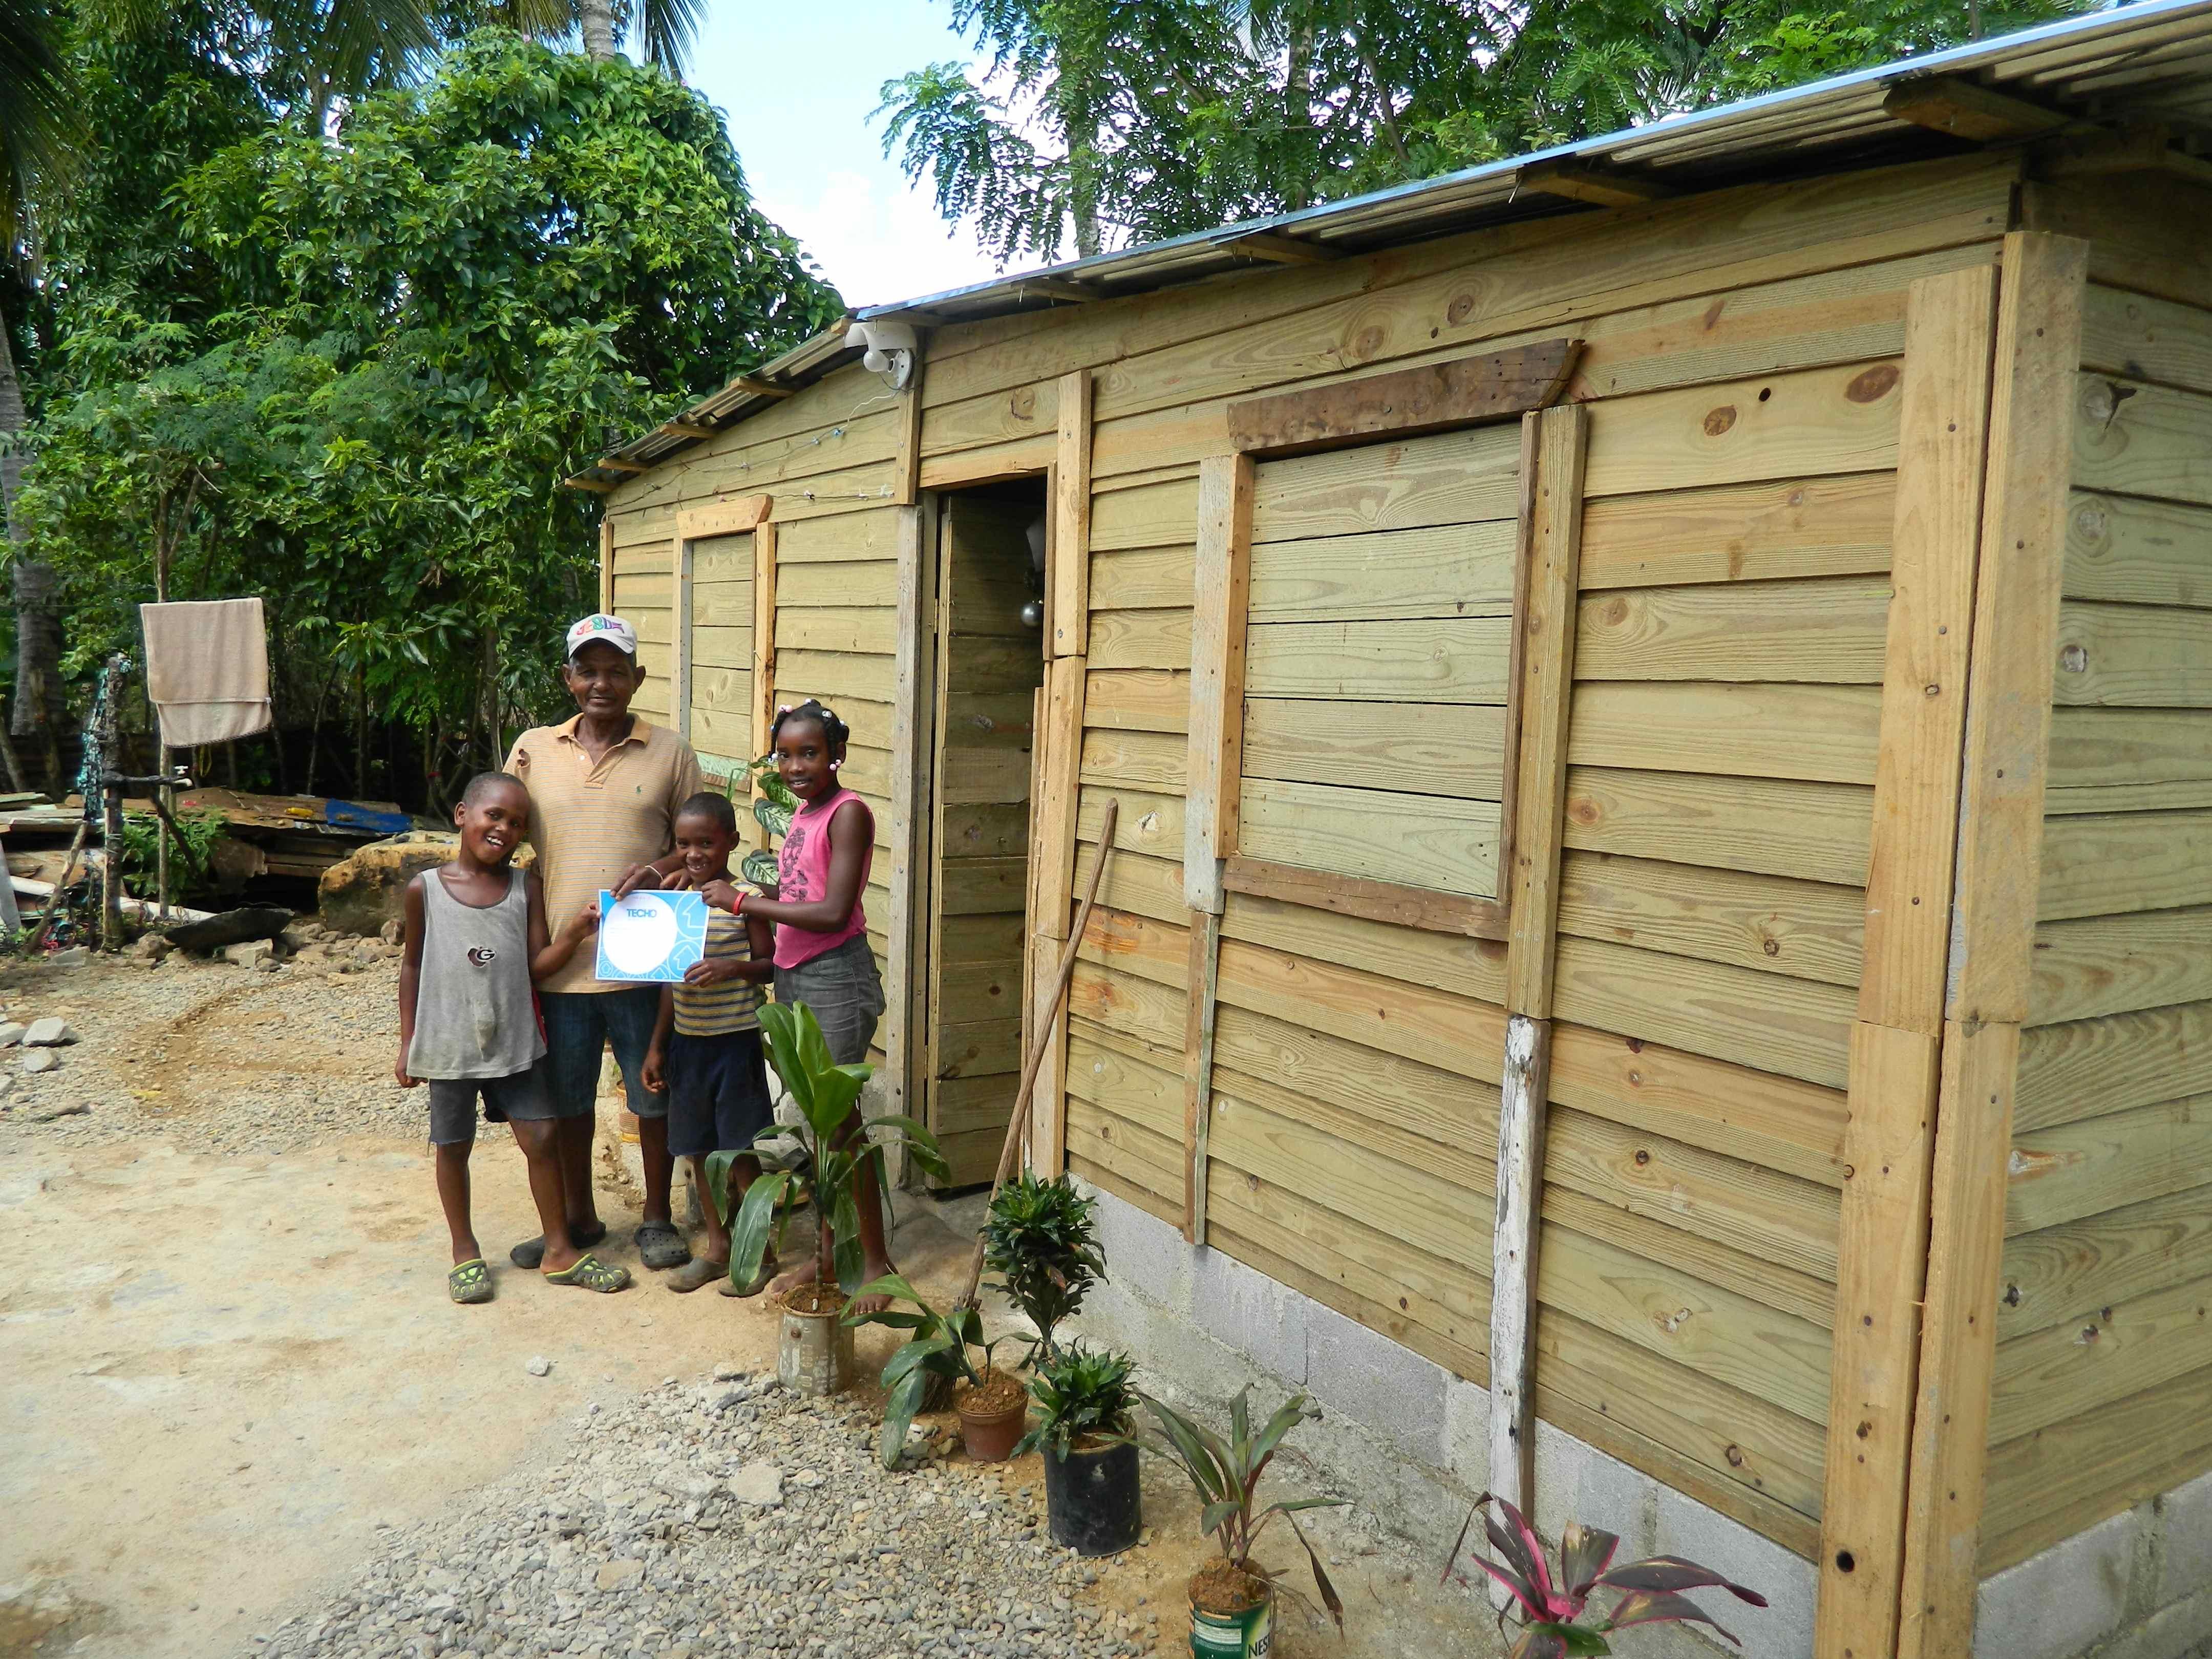 Cemex y Techo inician viviendaspara personas de escasos recursos